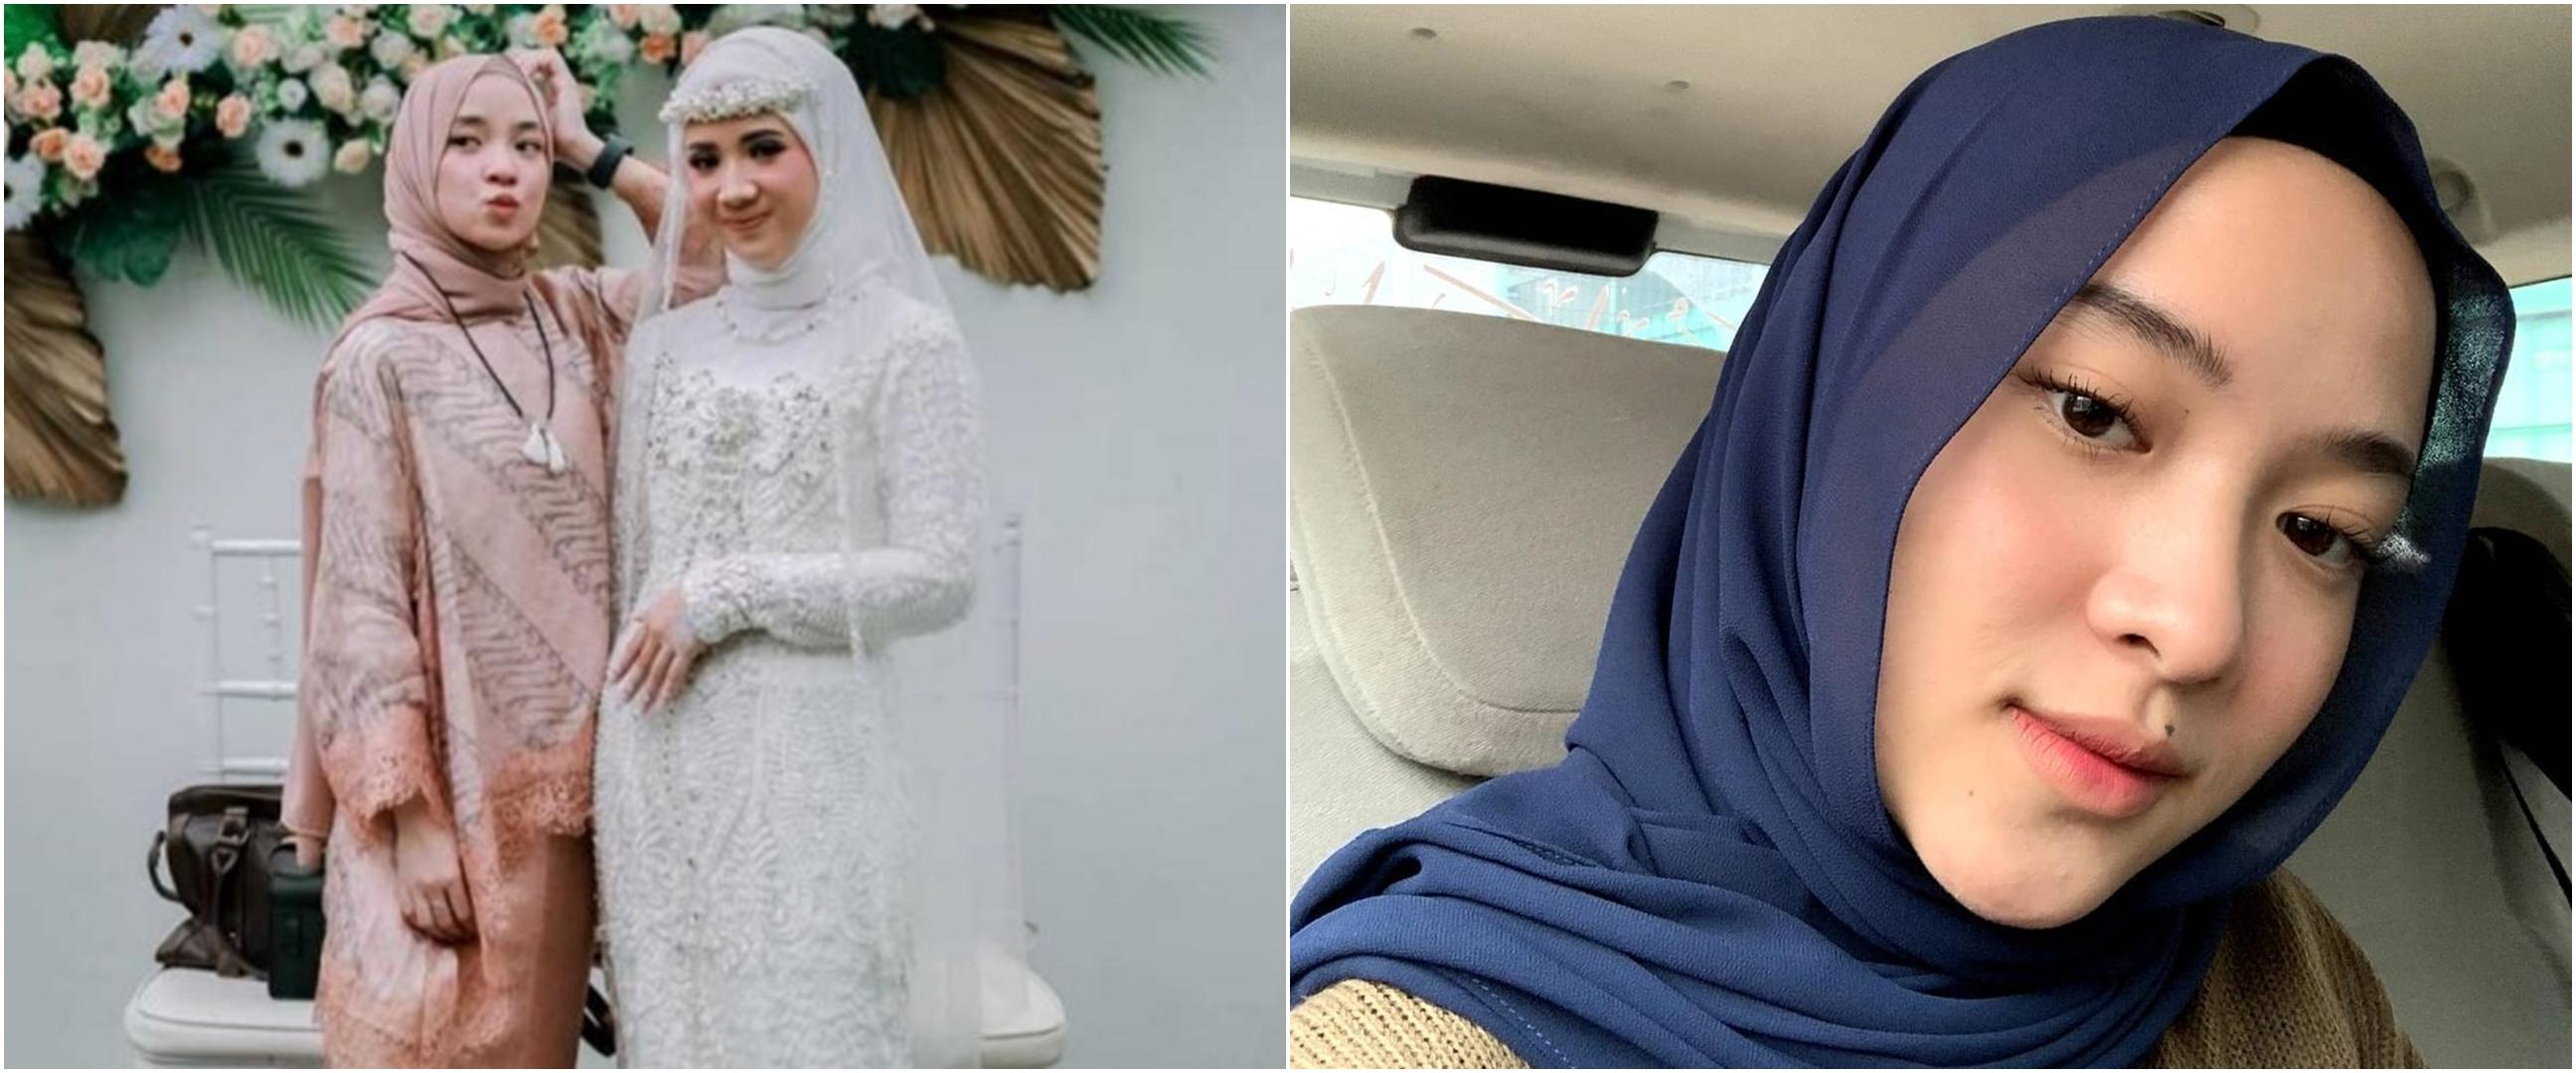 8 Potret Nissa Sabyan di pernikahan sang kakak, gayanya curi perhatian